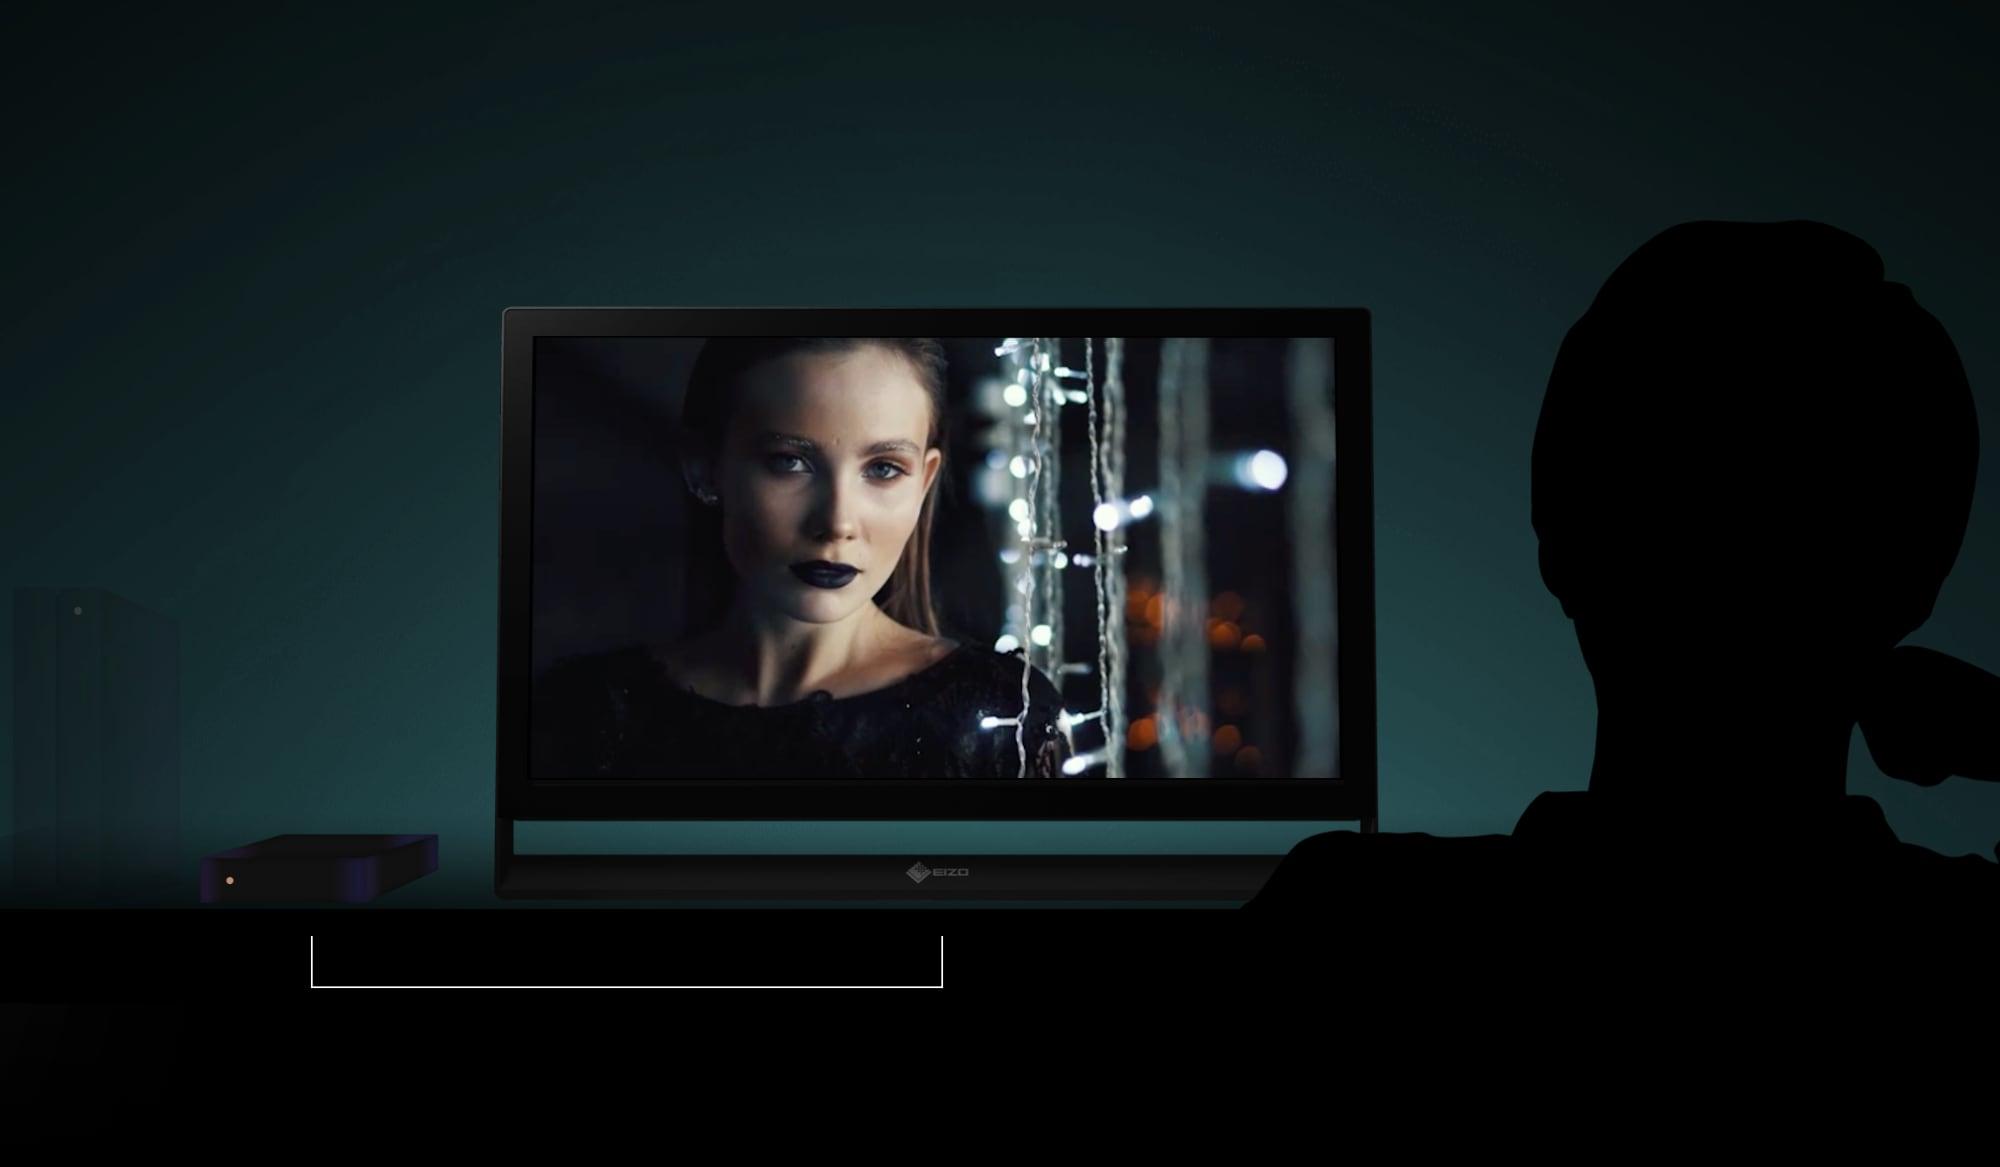 Eizo FORIS NOVA: Màn hình OLED 4K HDR tốc độ phản hồi chỉ 0.04 ms, chuyên đồ họa, giá 75 triệu đồng